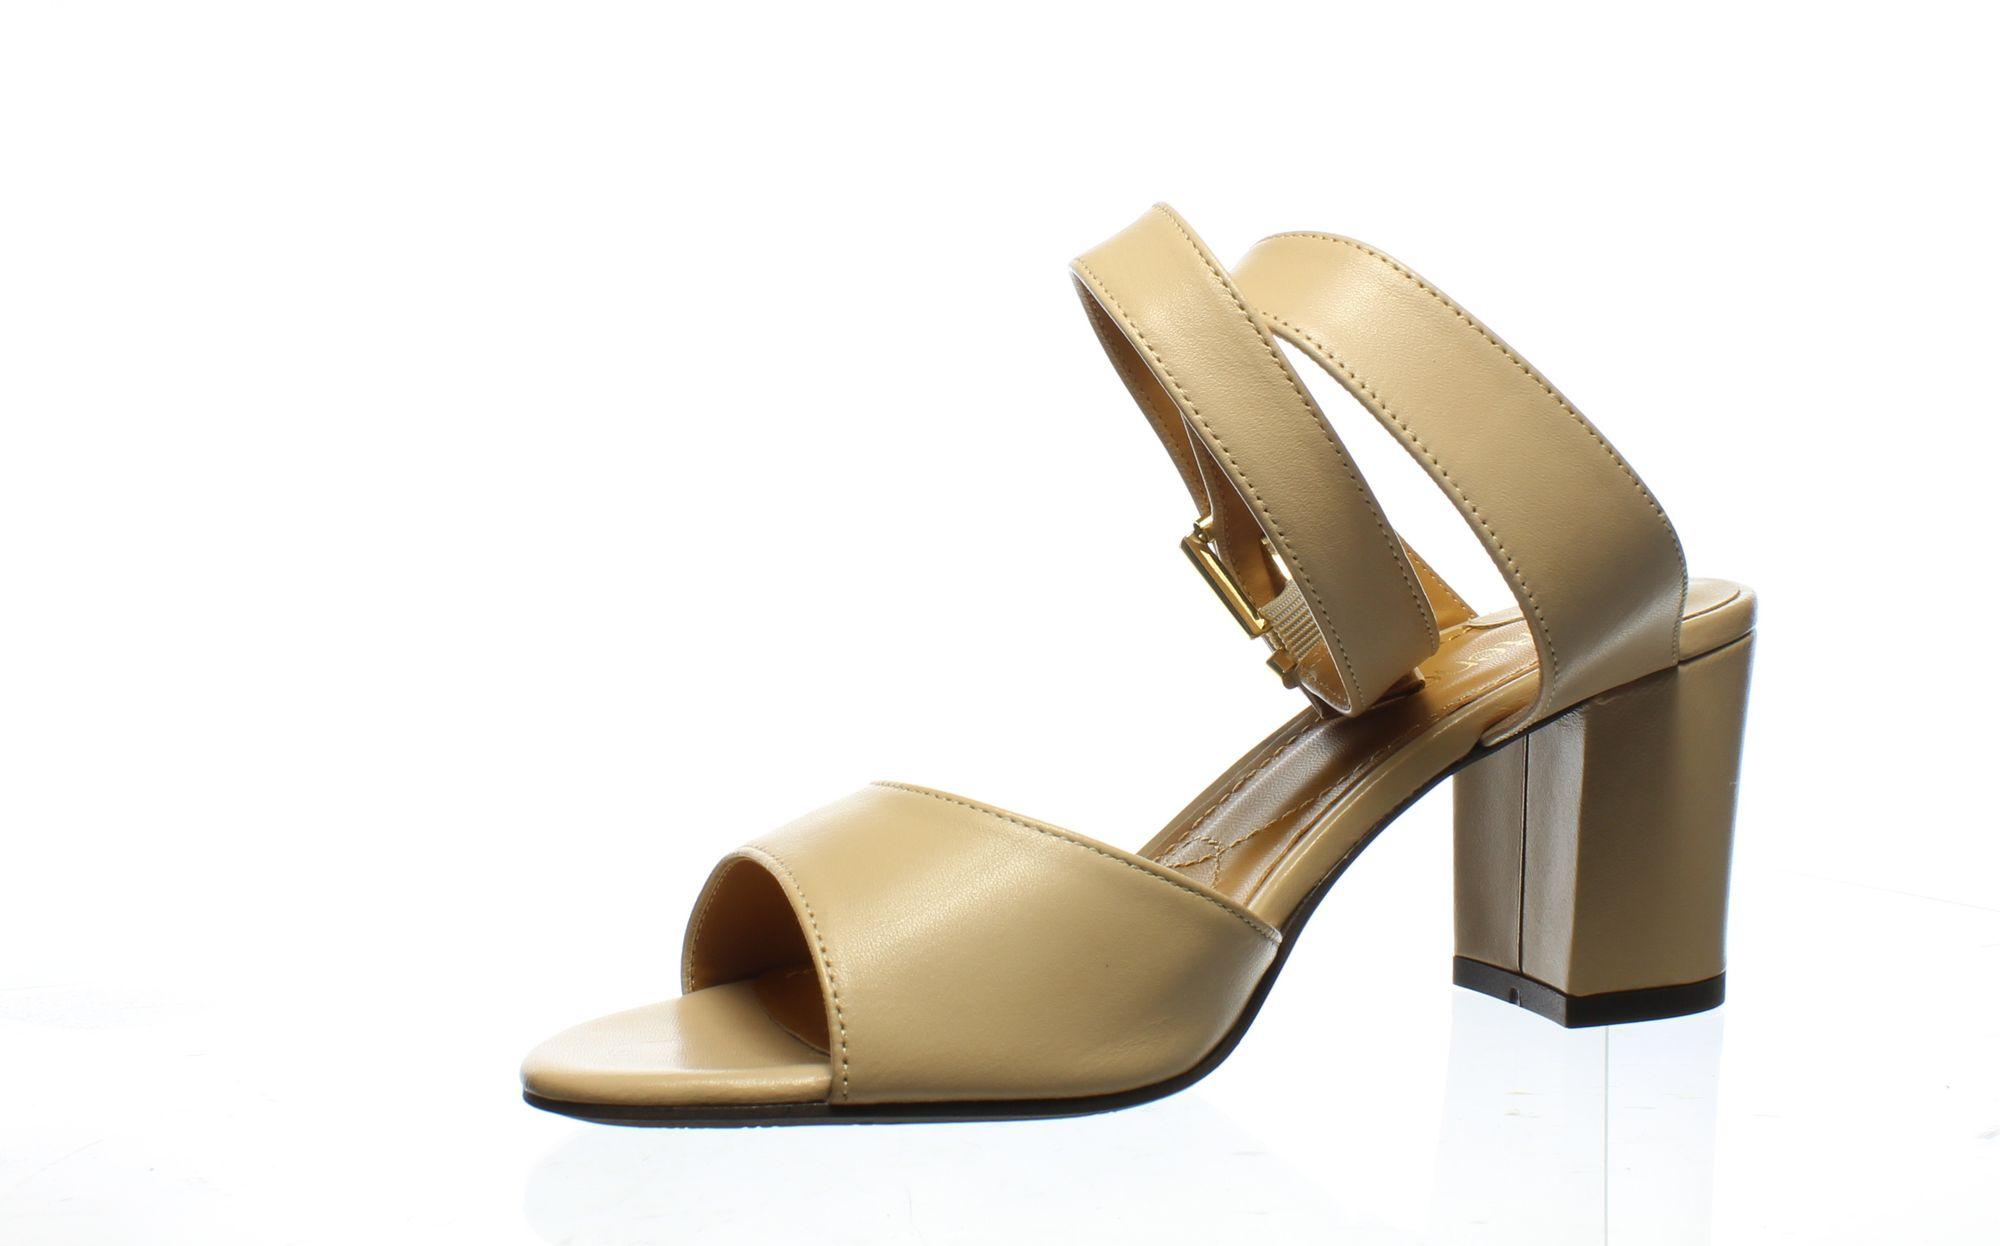 J. Renee Womens Drizella Nude Ankle Strap Heels Size 9